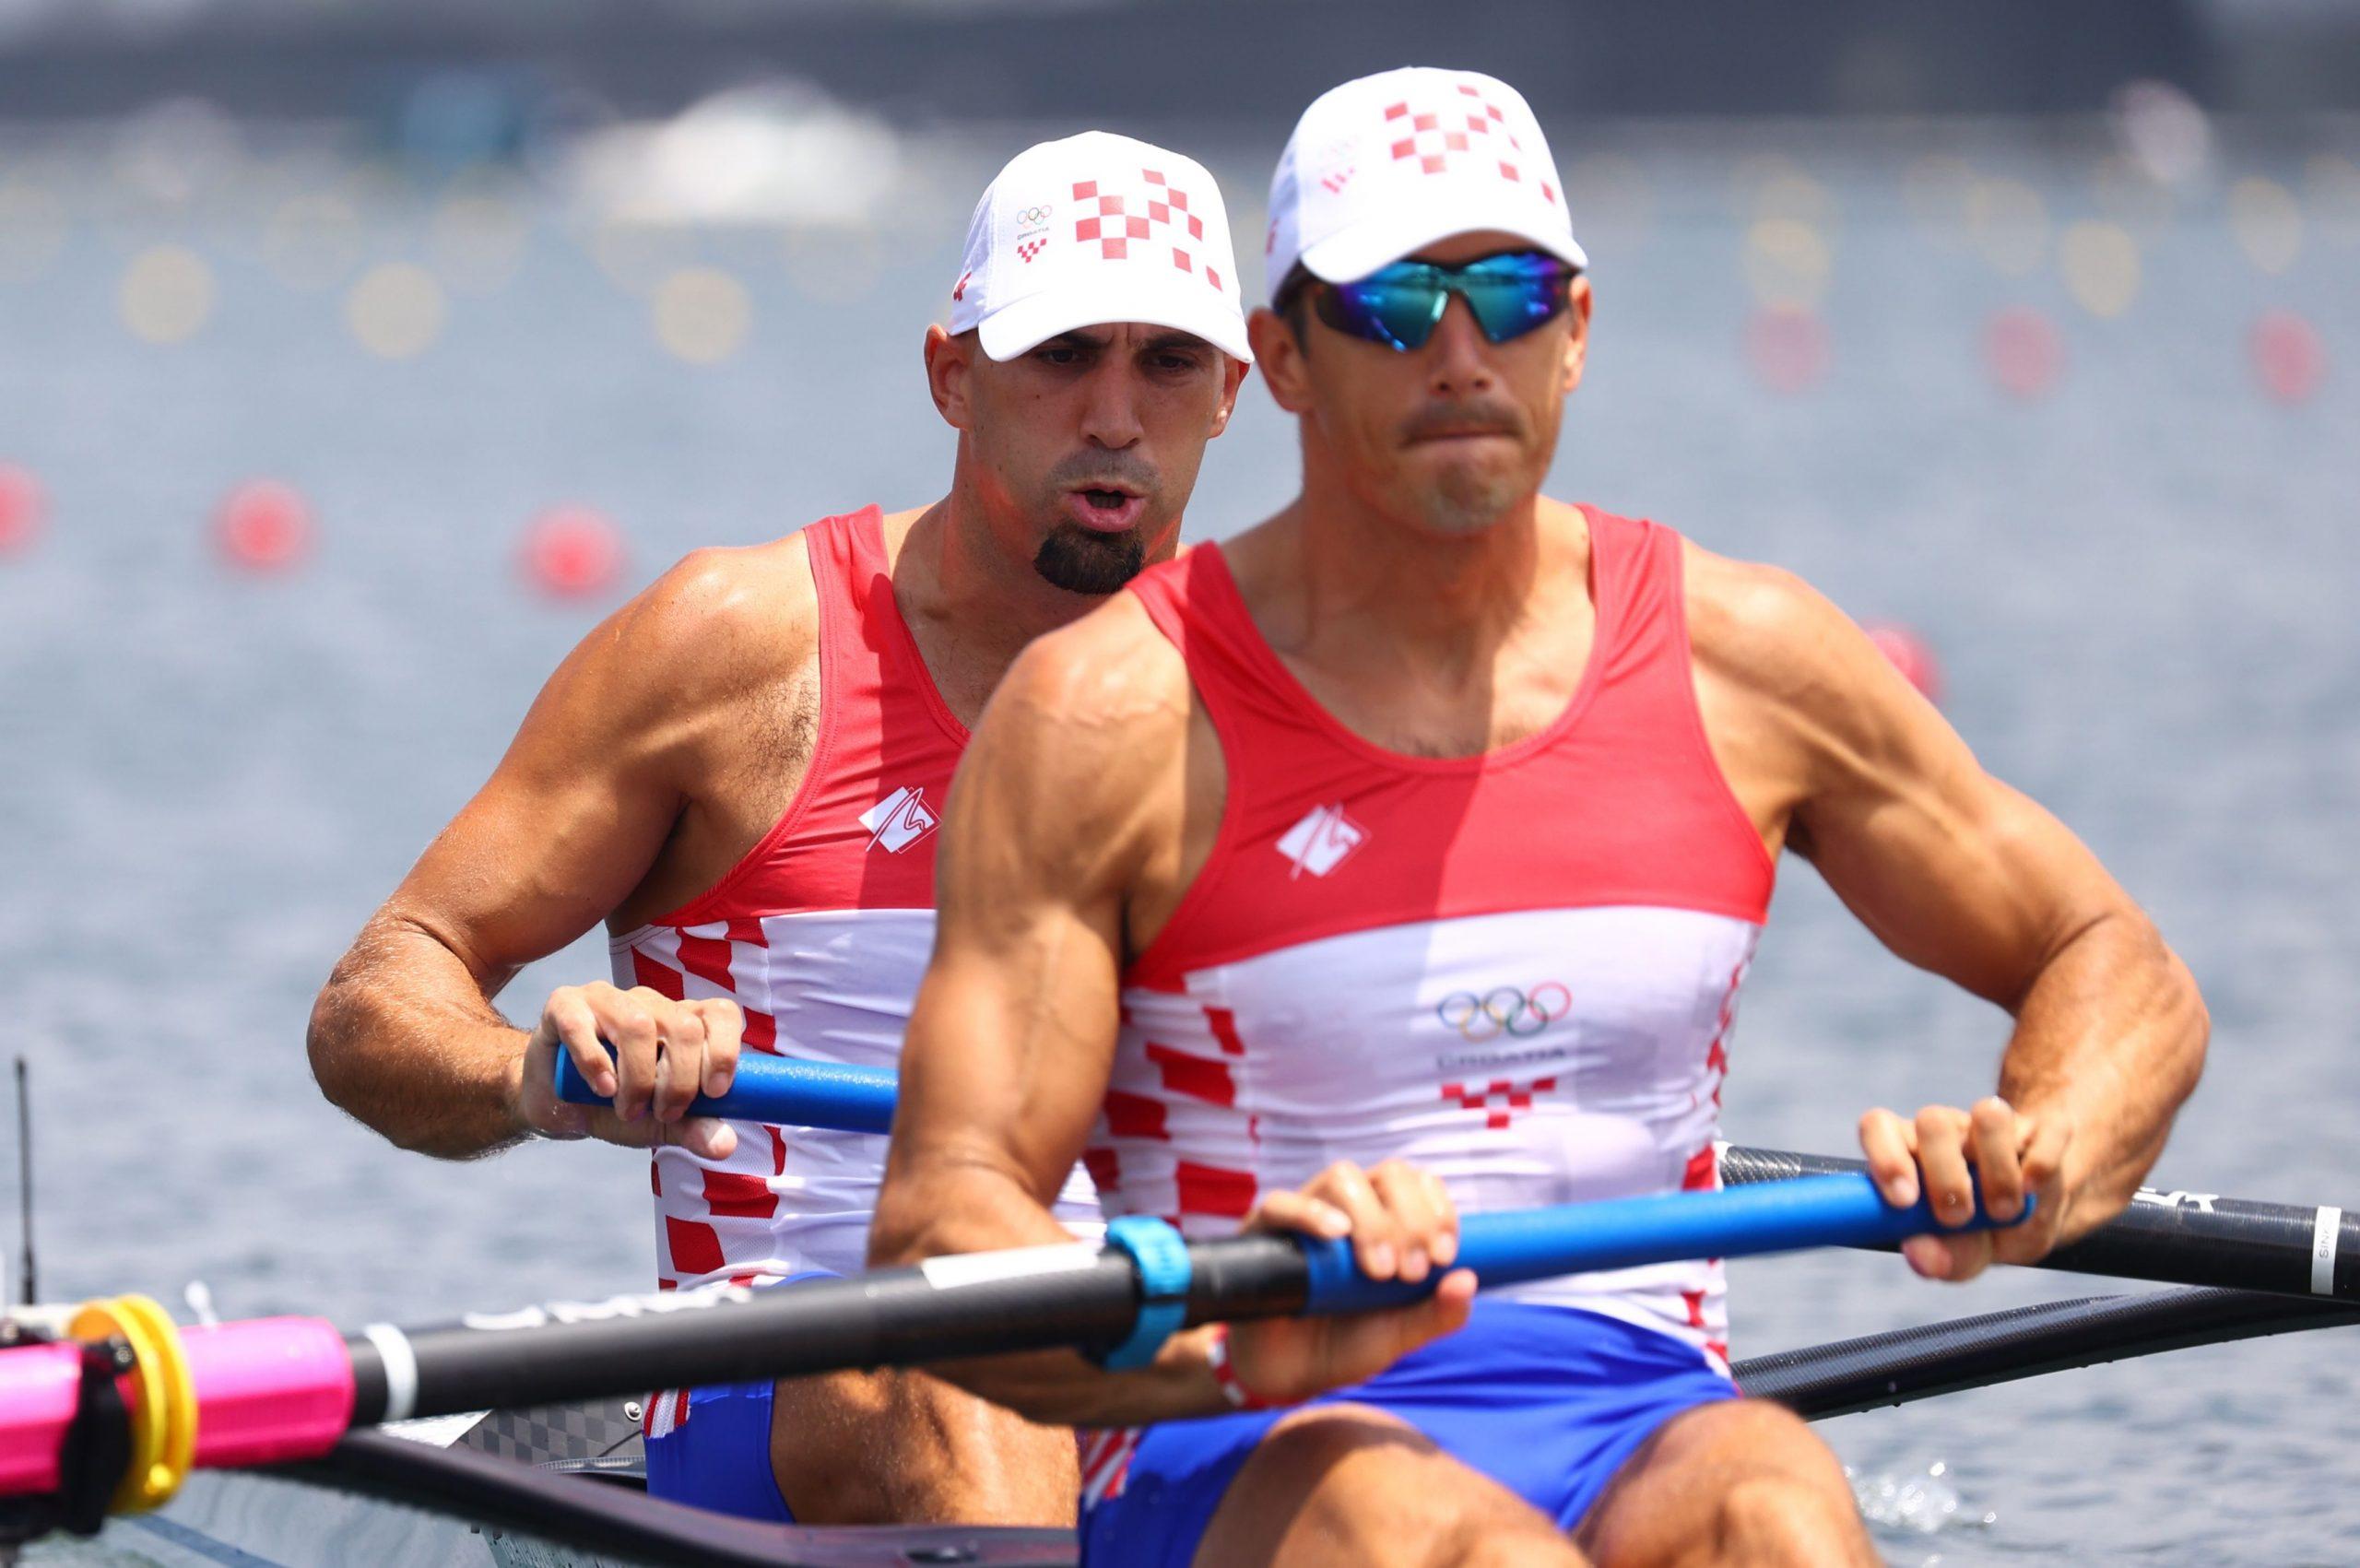 Braća Sinković kreću po medalju u 2.18 ujutro/Foto REUTERS